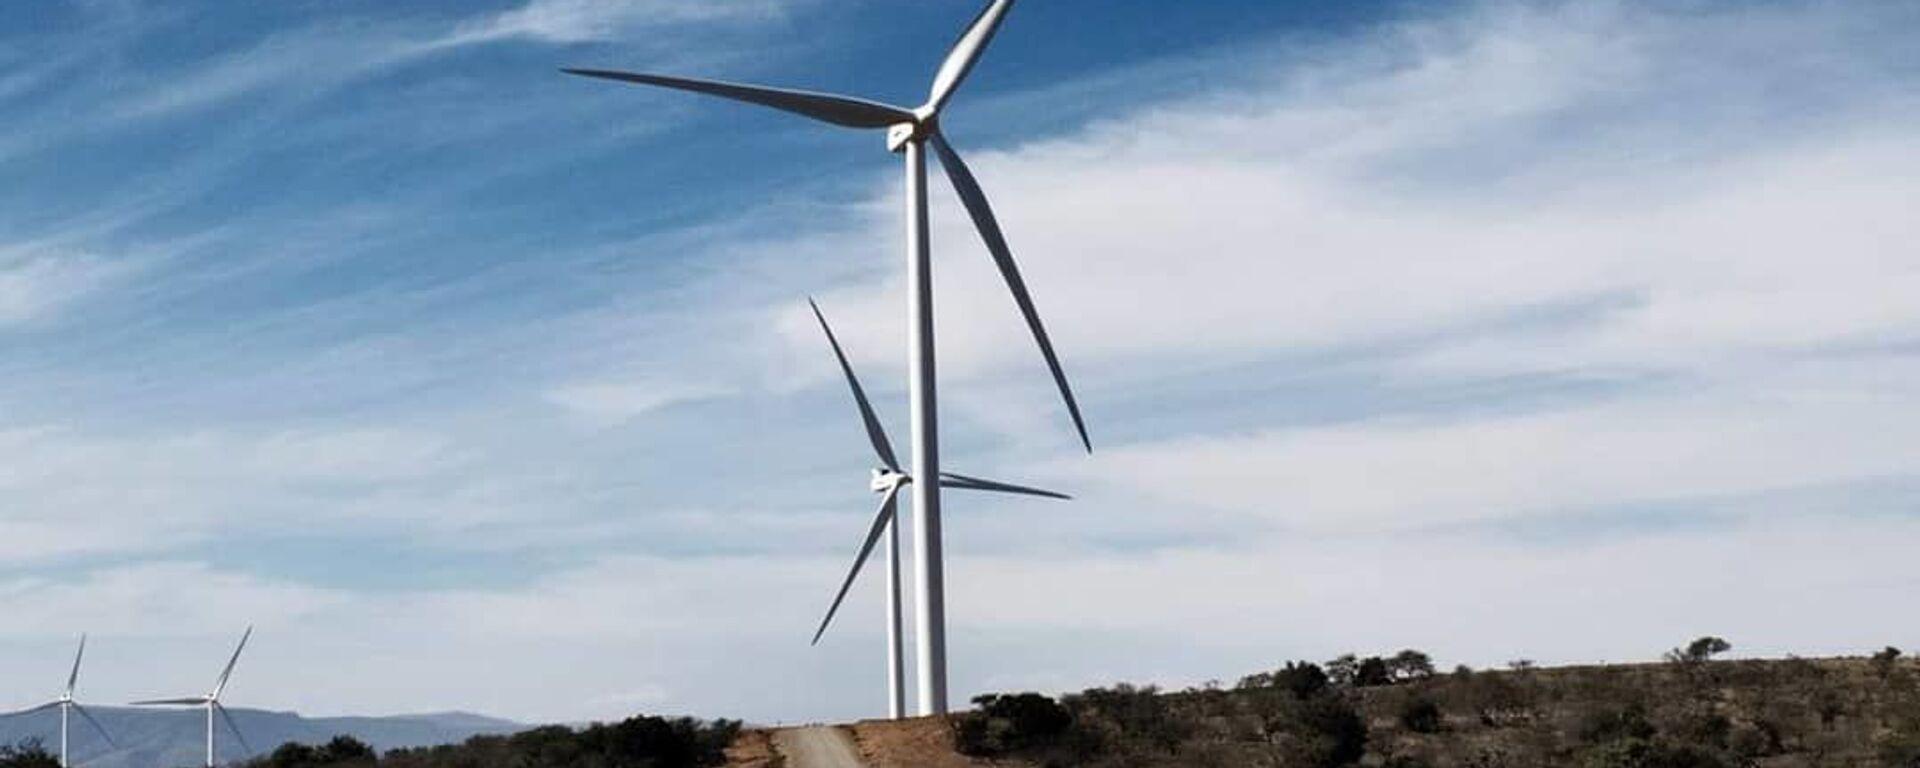 Un parco eolico di Oyster Bay realizzato da Enel Green Power in Sudafrica - Sputnik Italia, 1920, 21.09.2021